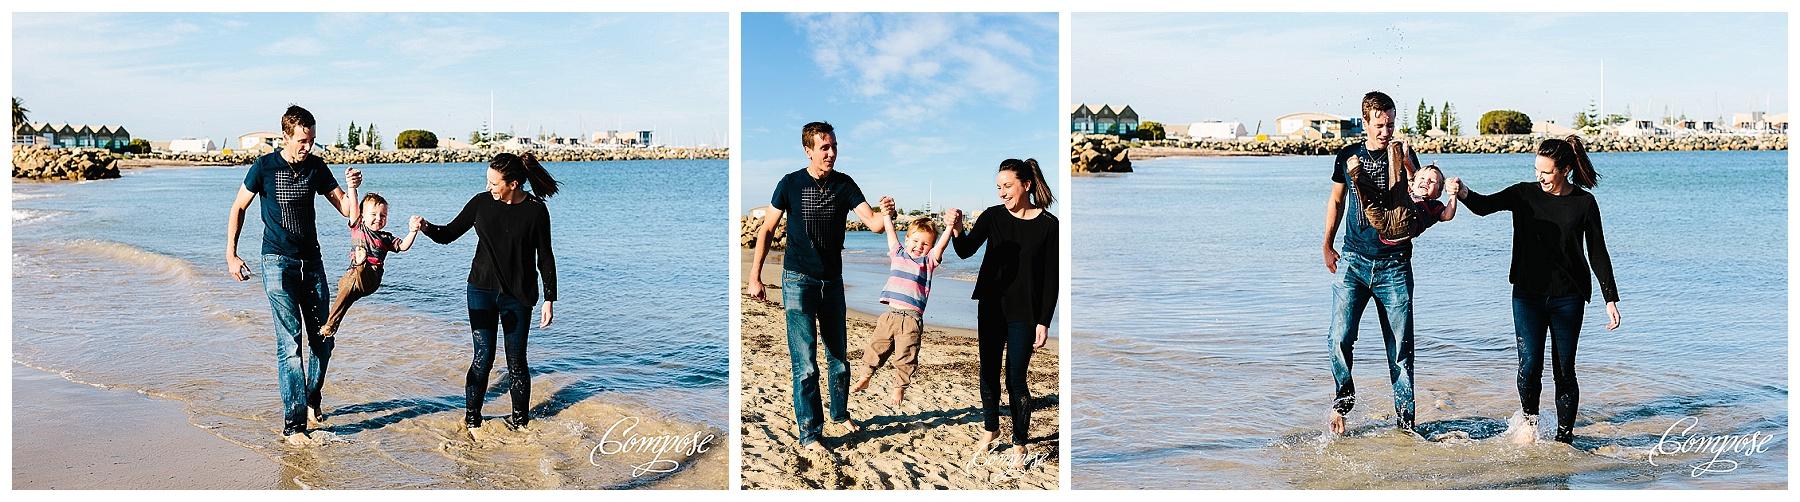 Portrait photography Fremantle